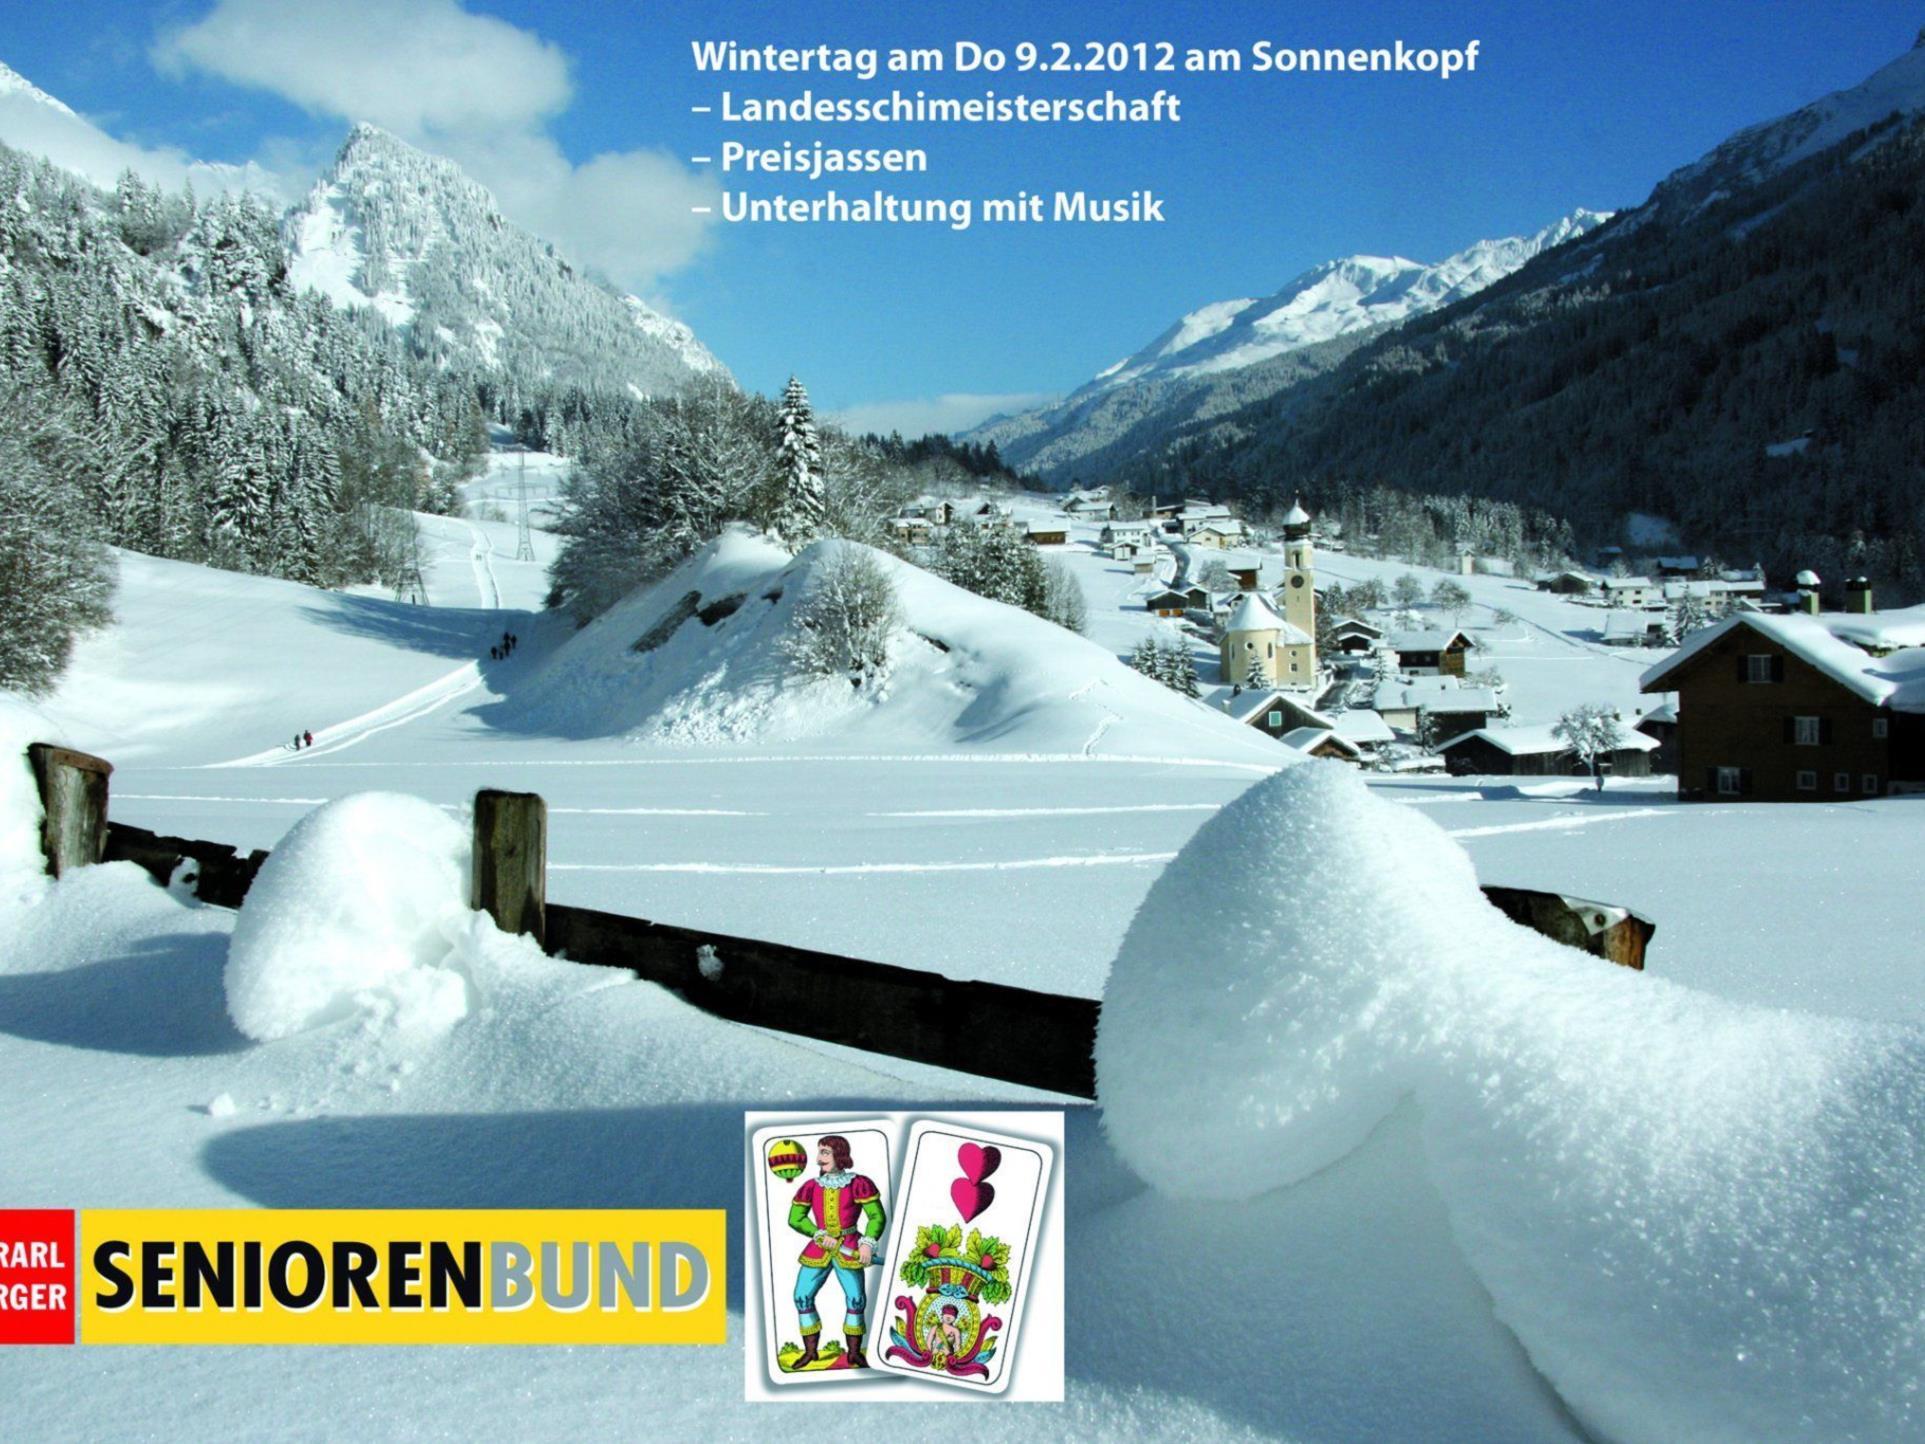 Der Vorarlberger Seniorenbund lädt ein zum Wintertag nach Dalaas.